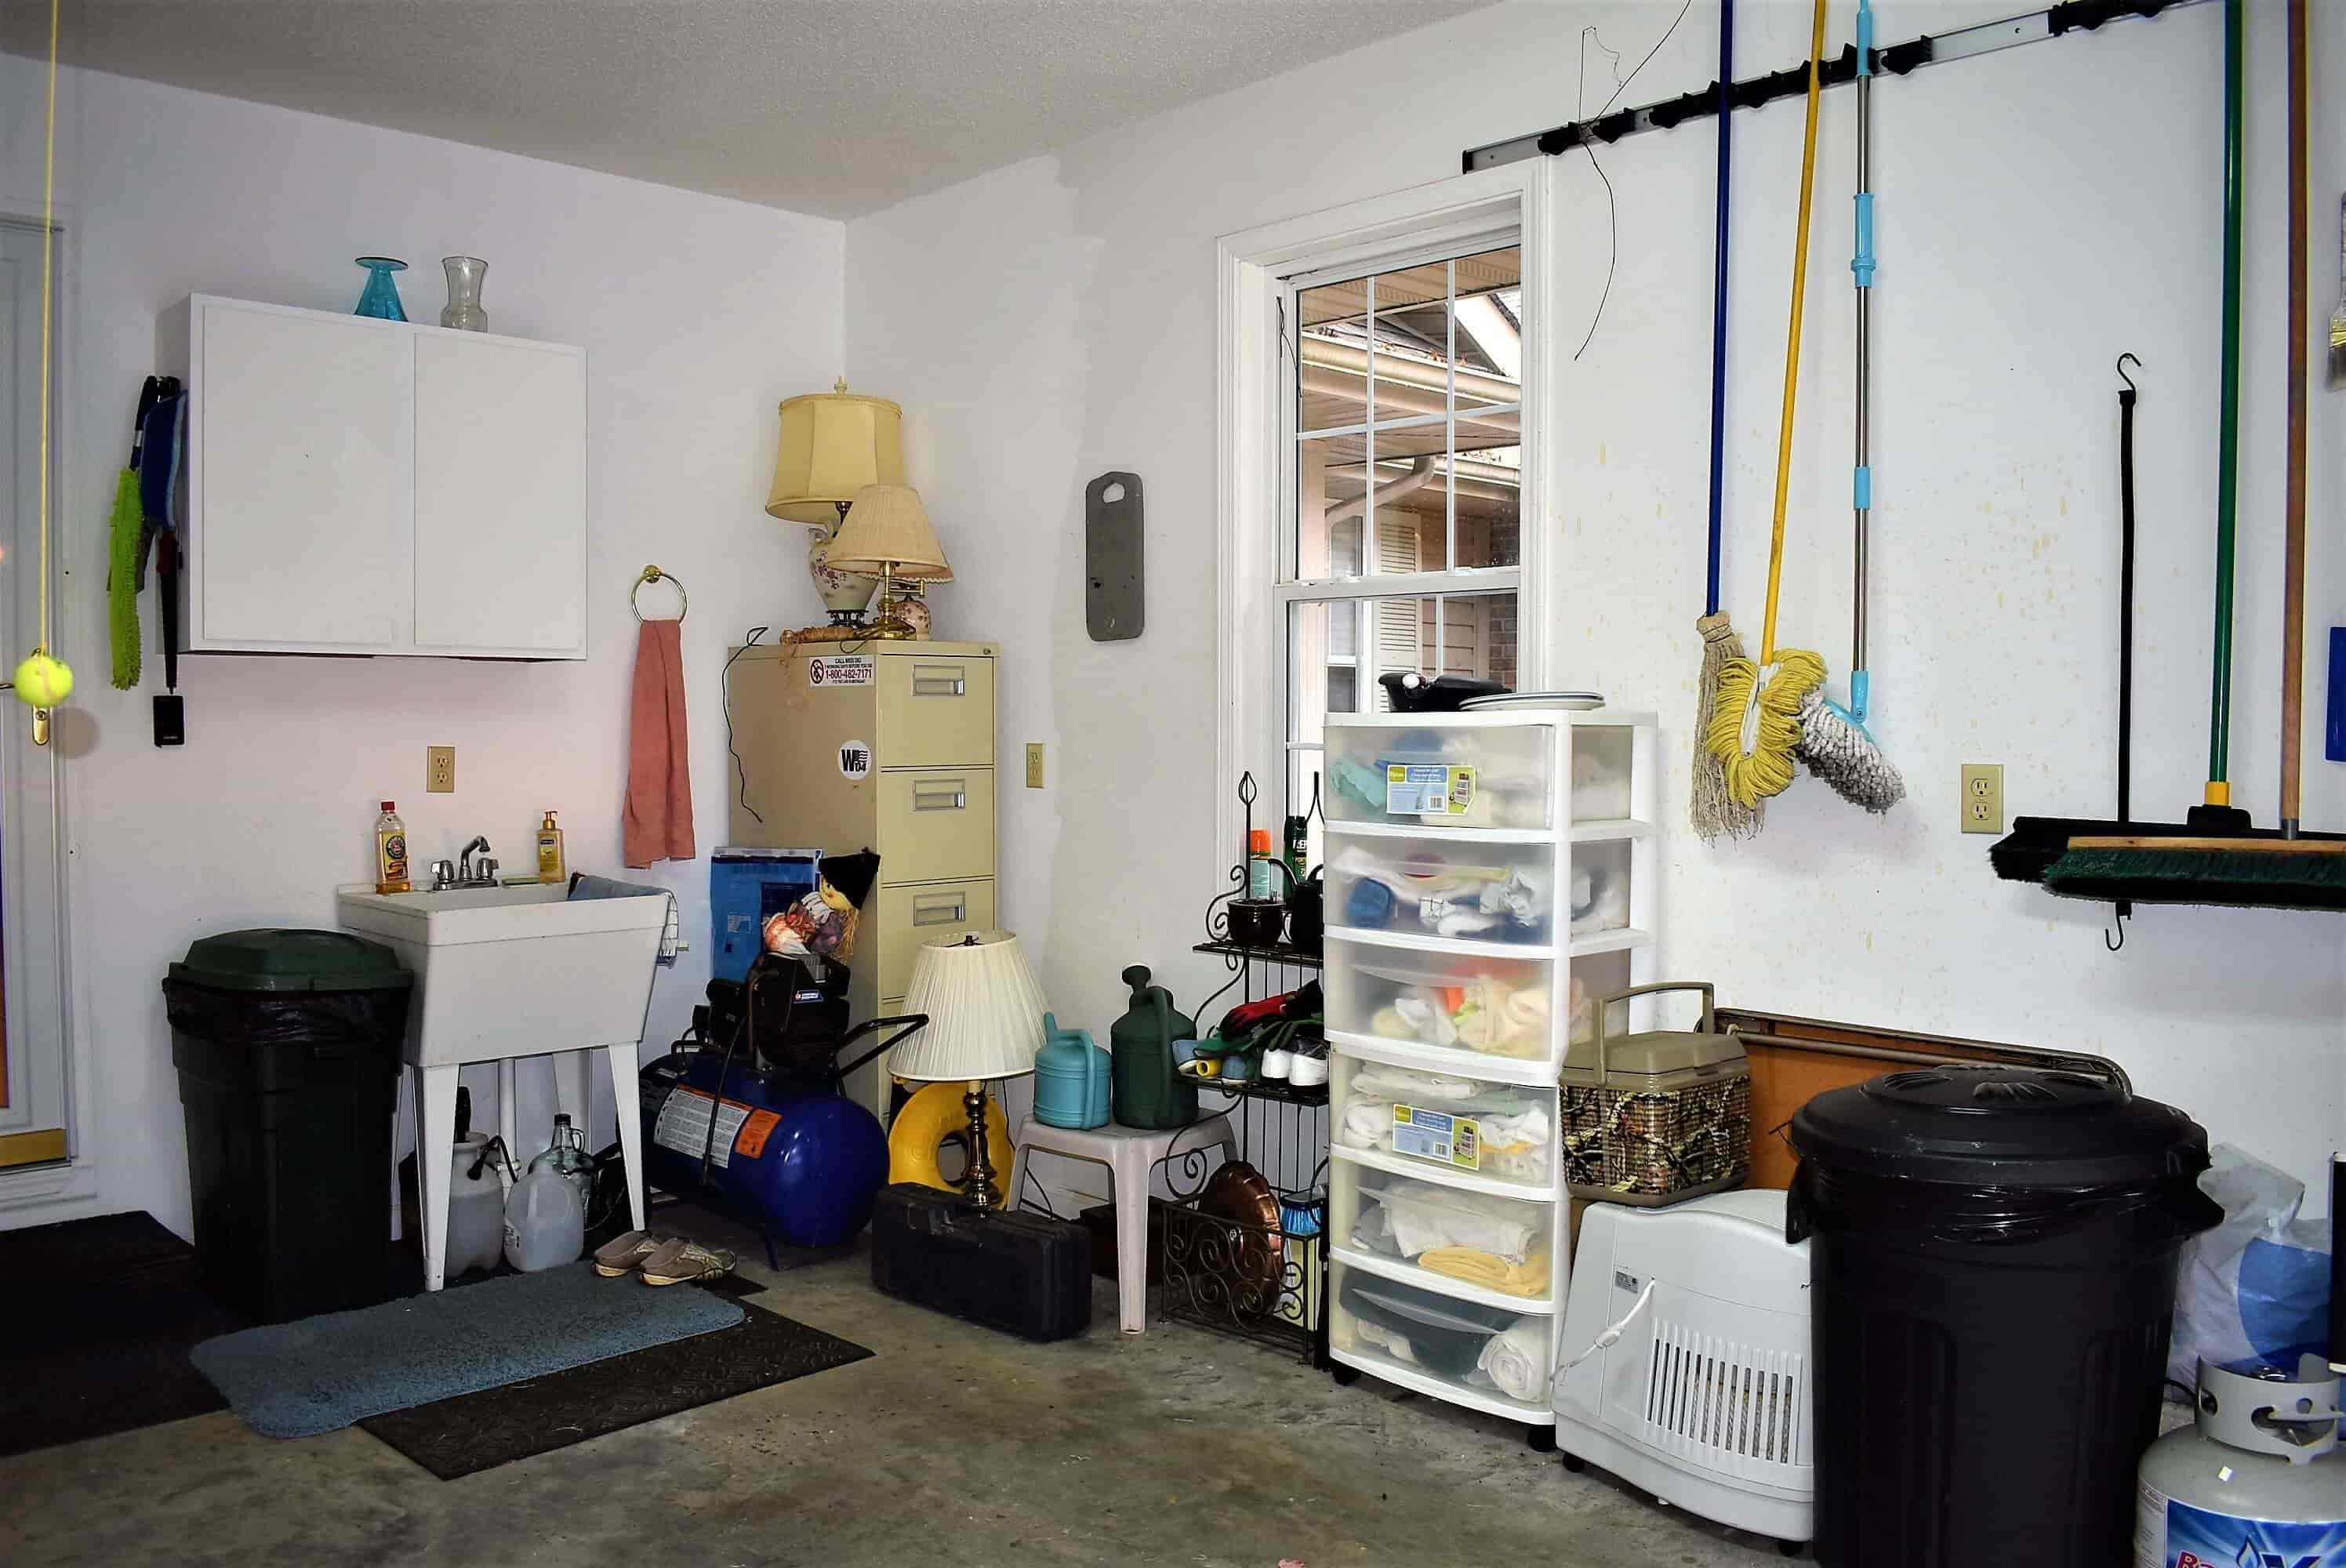 Utility Sink in Garage